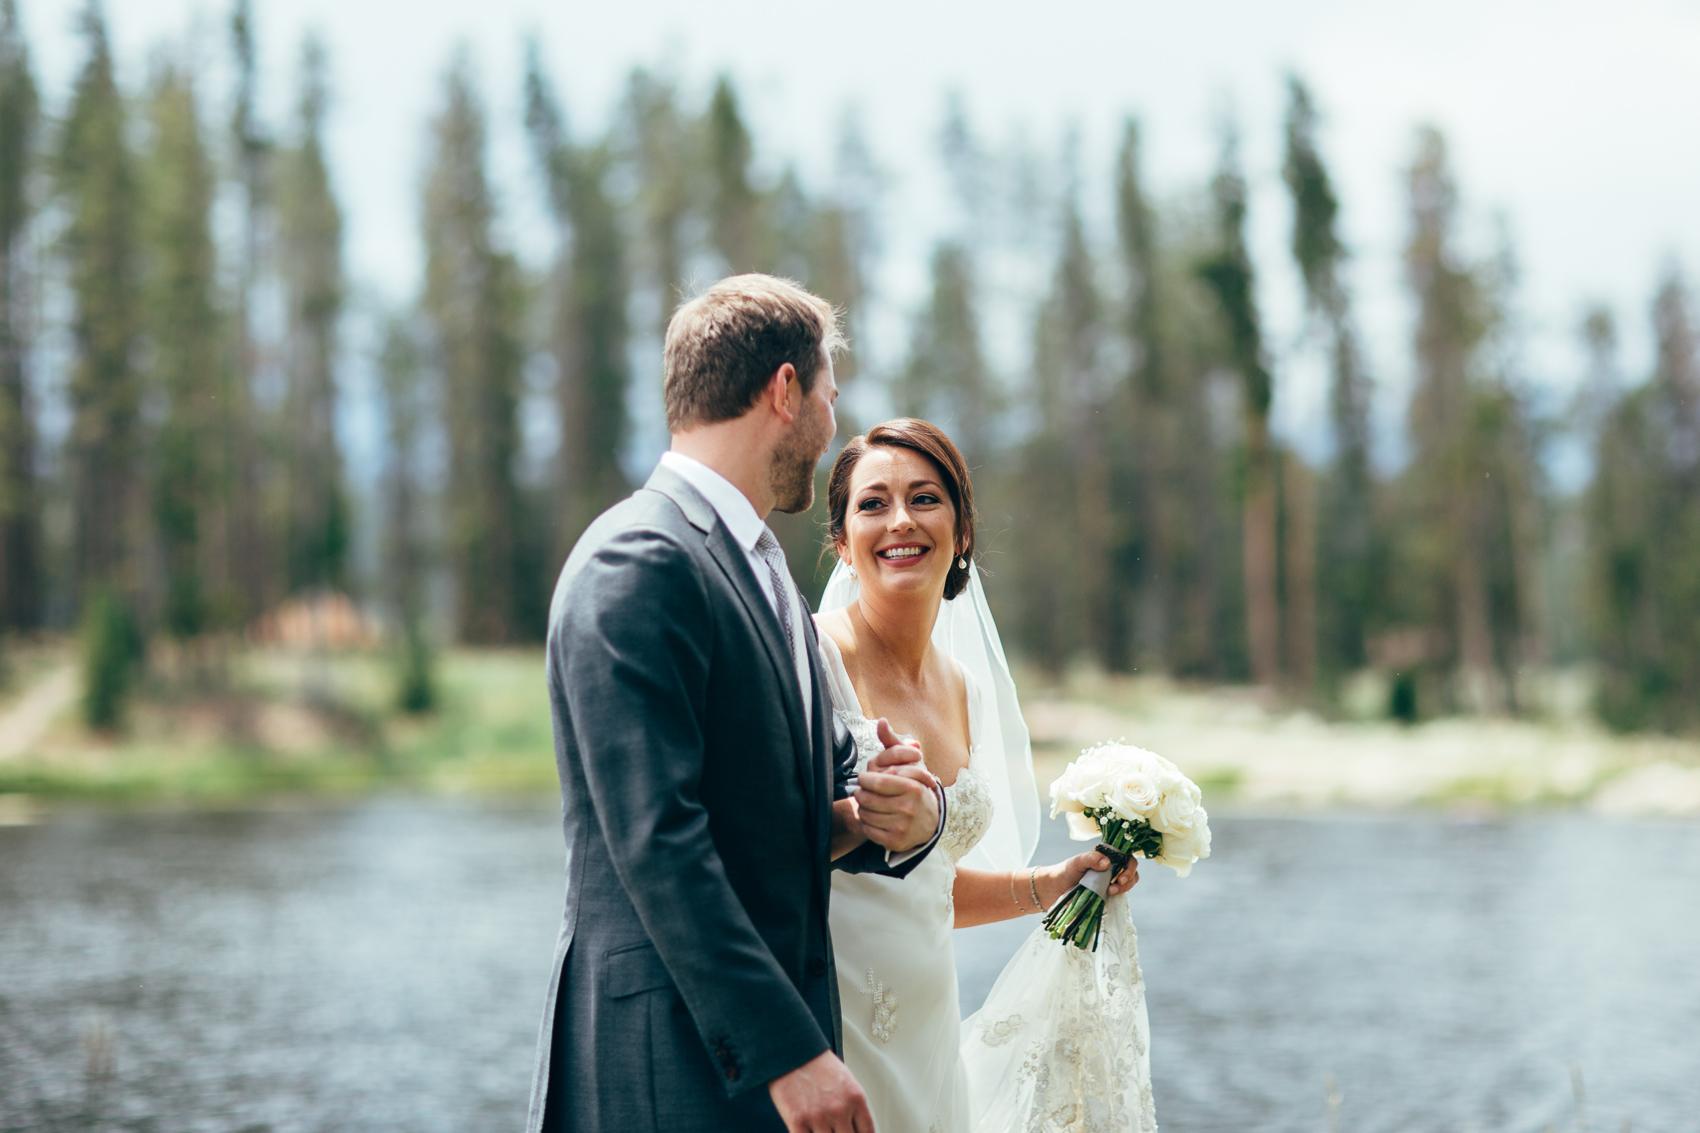 weddings-fth-18.jpg